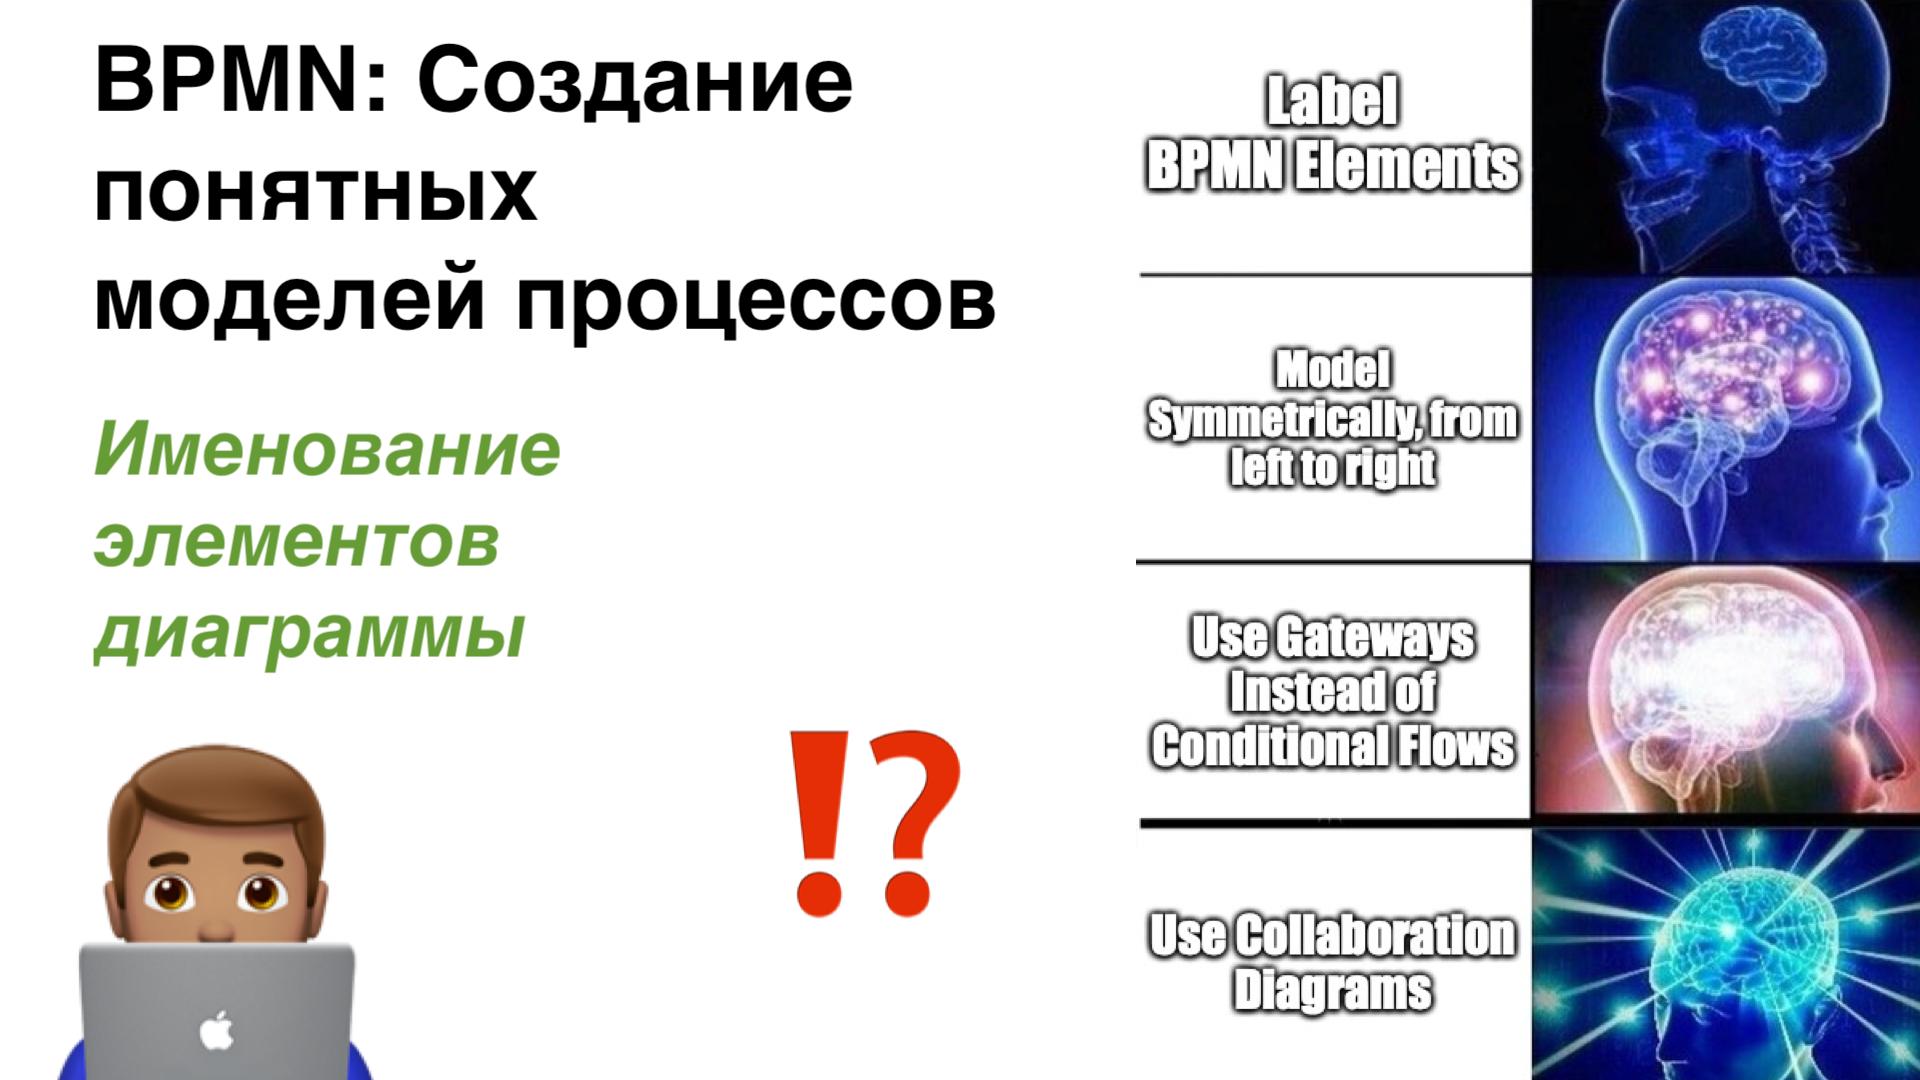 Camunda: именование элементов BPMN в моделях процессов